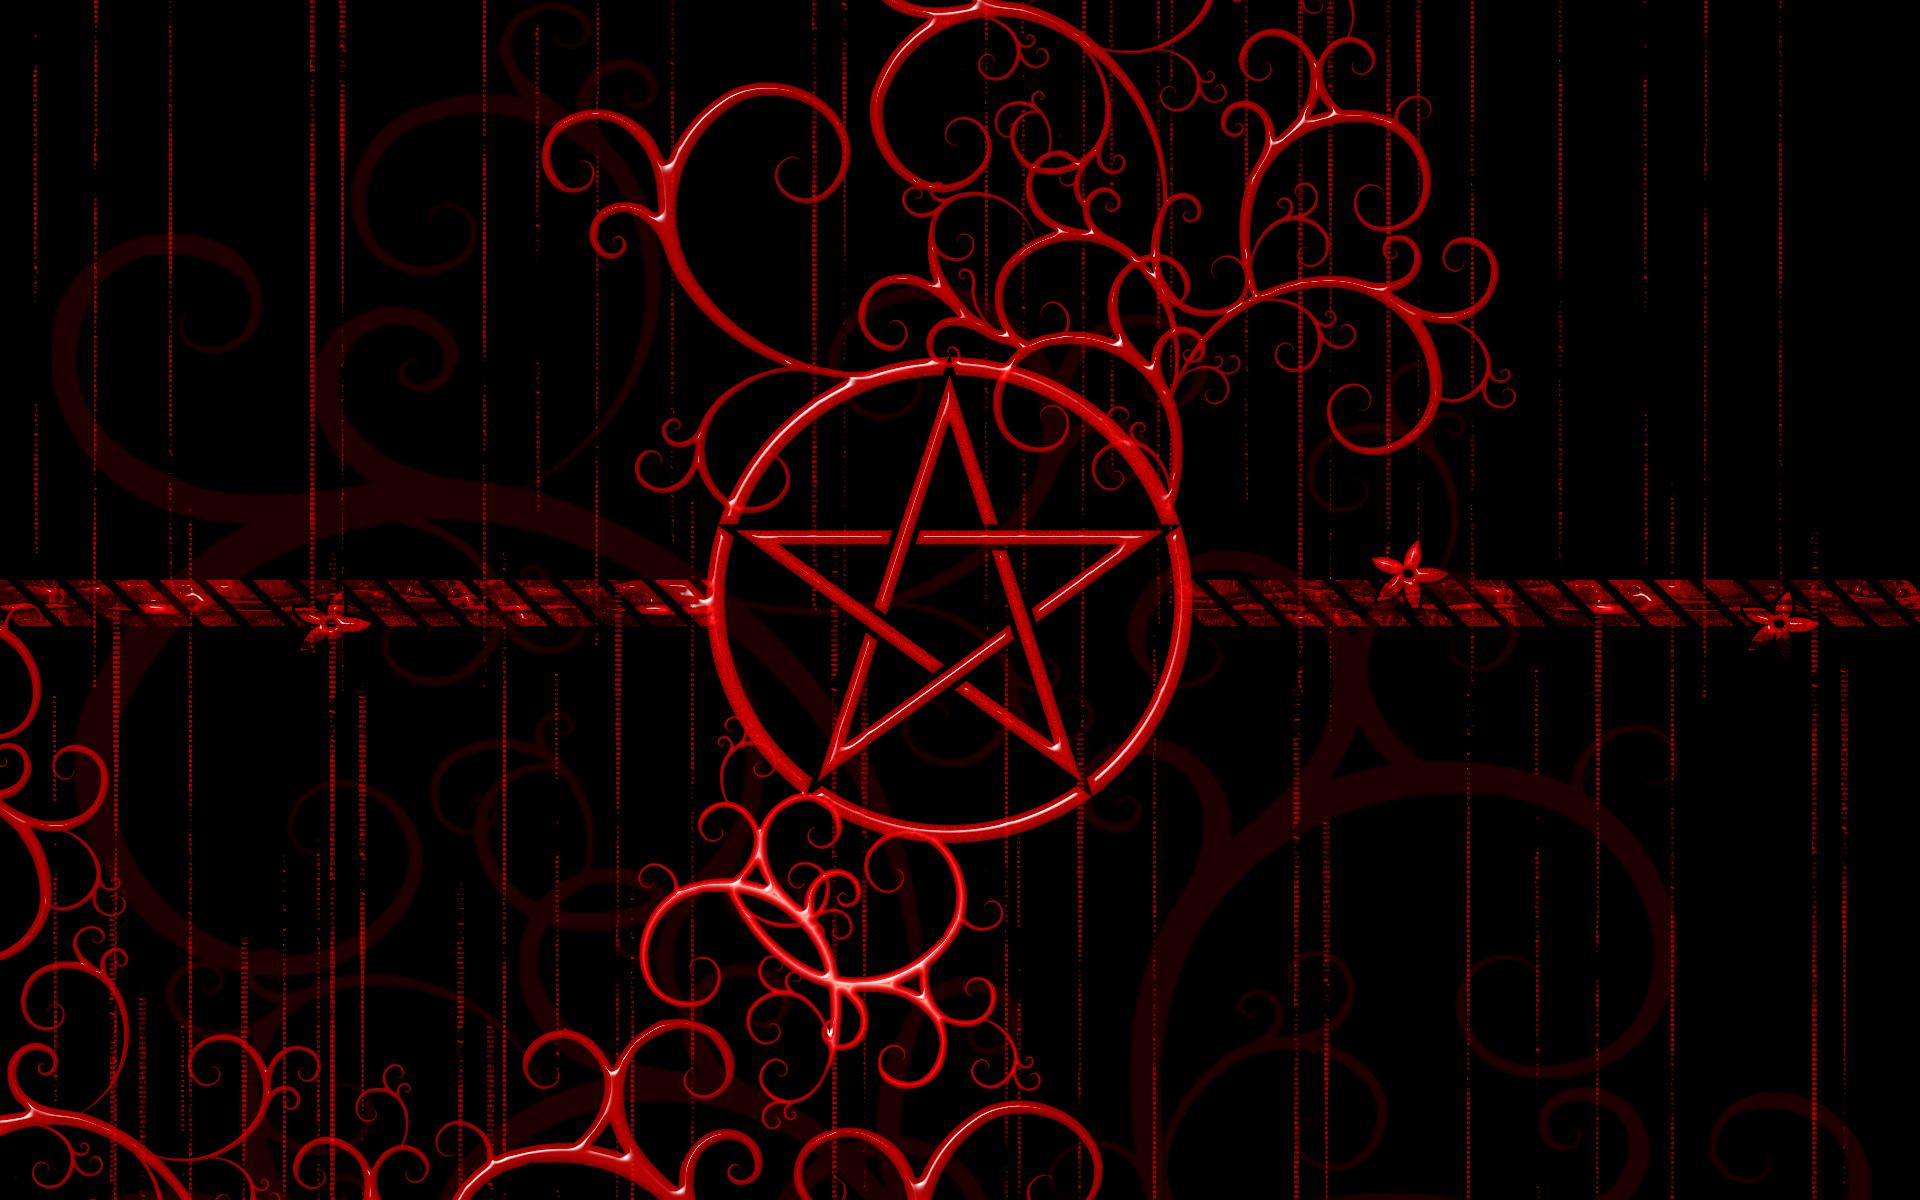 Lucifer Wallpaper 4k: Lucifer Wallpapers